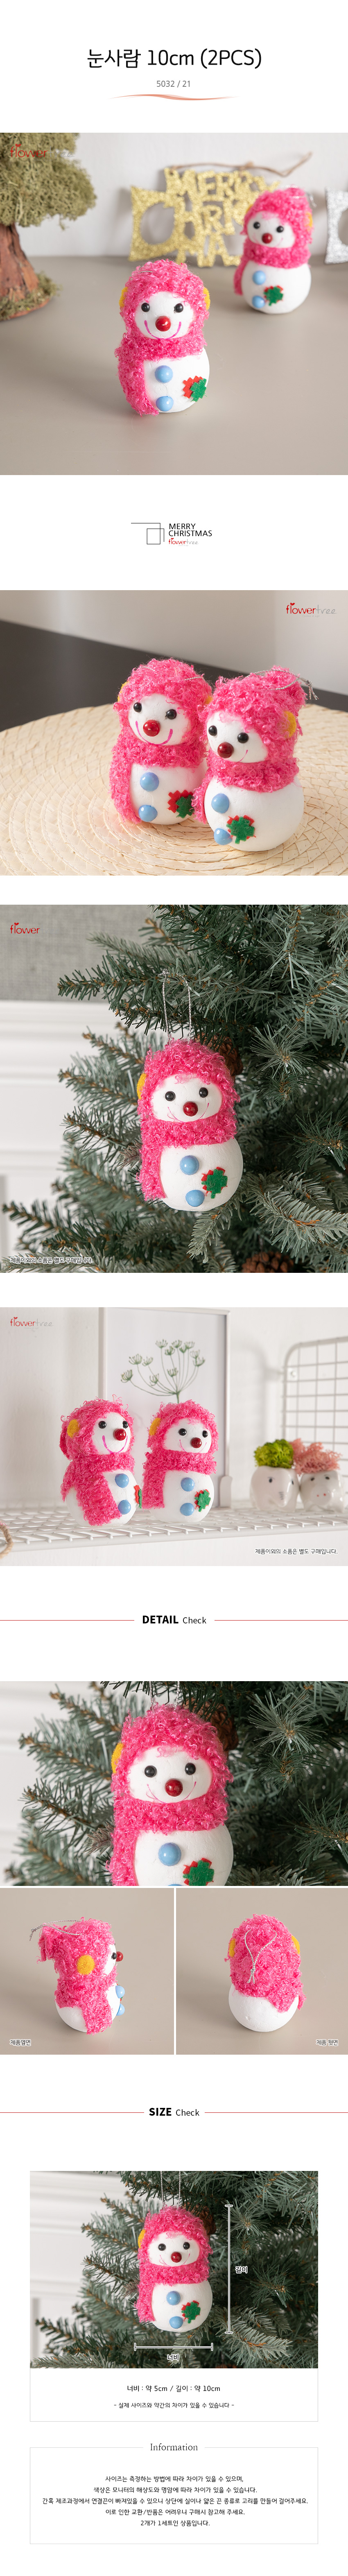 눈사람 10cm(2개) [트리] - 플라워트리, 1,000원, 장식품, 크리스마스소품